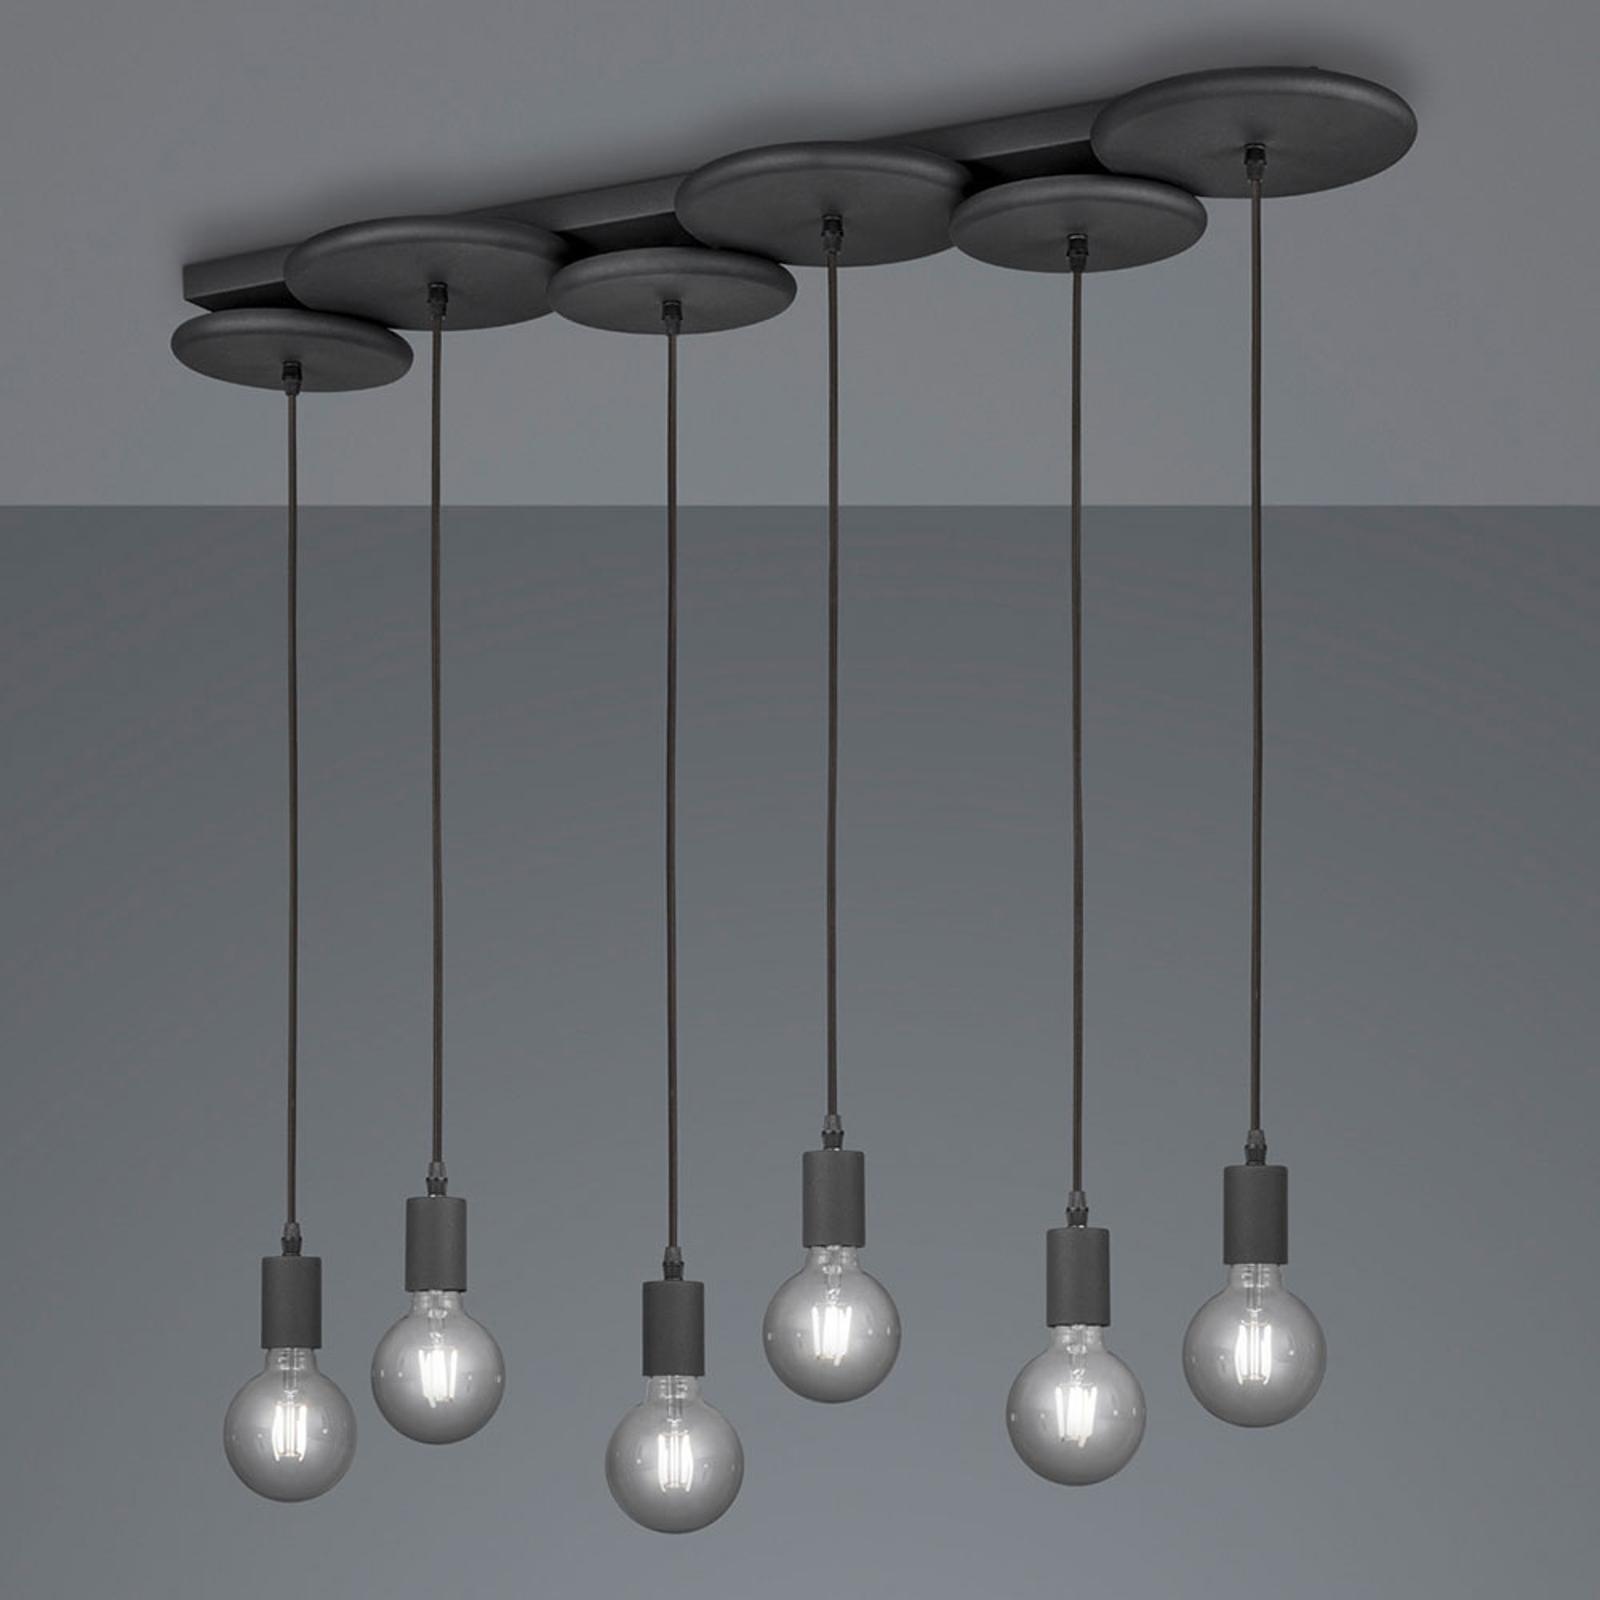 Riippuvalaisin Discus, 6-lamppuinen, musta